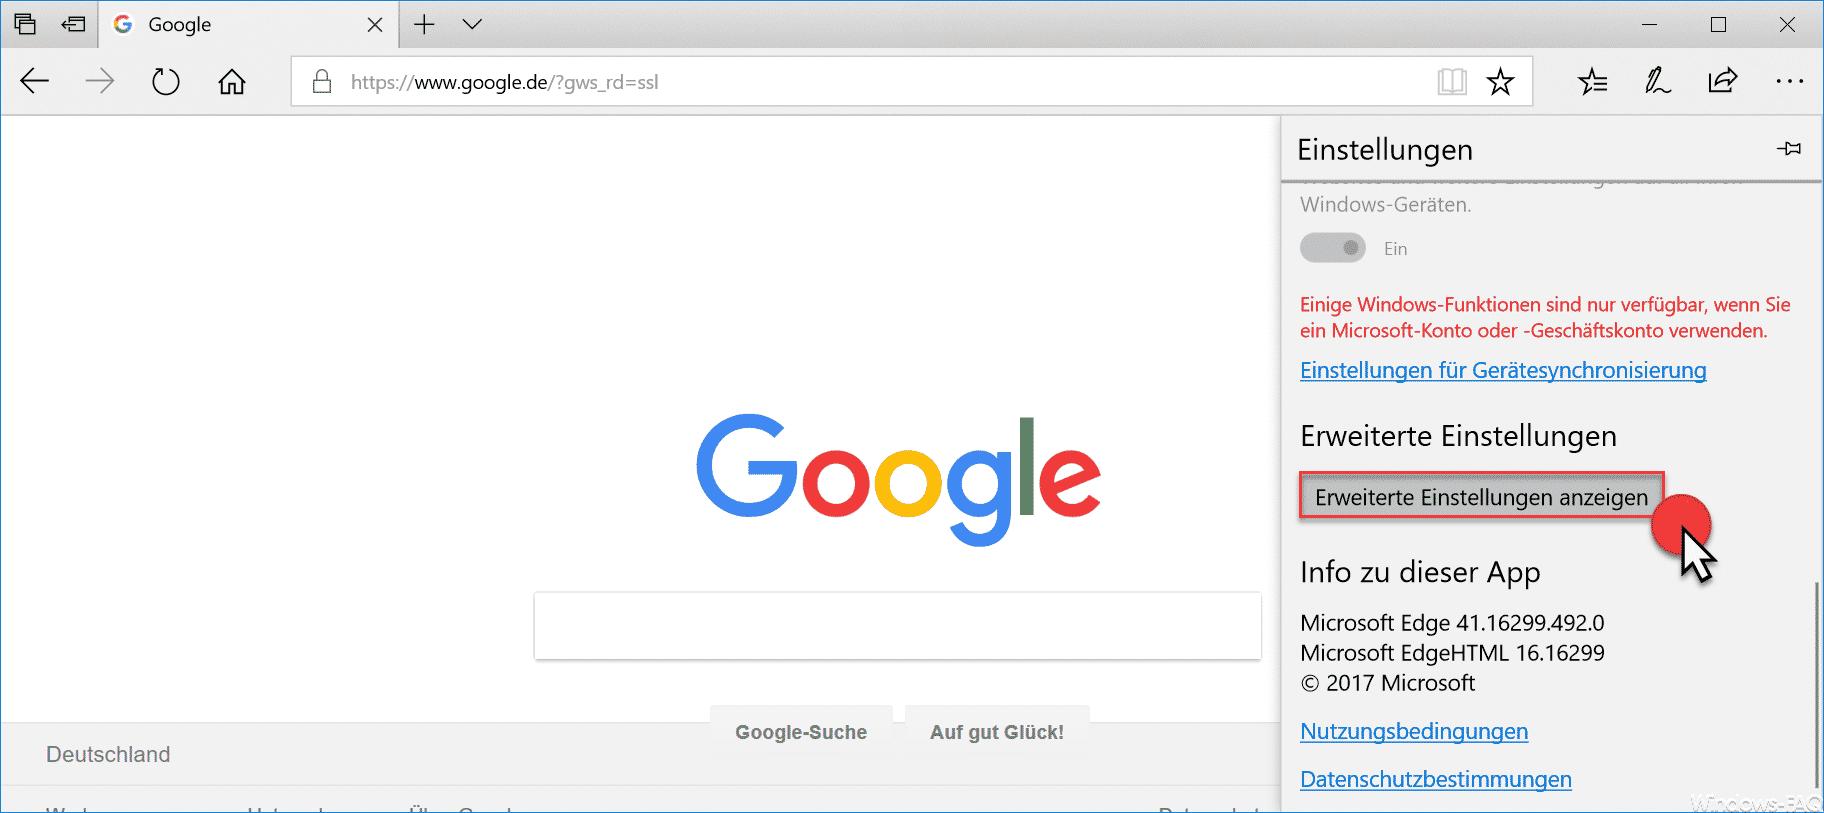 Edge Browser Erweiterte Einstellungen anzeigen